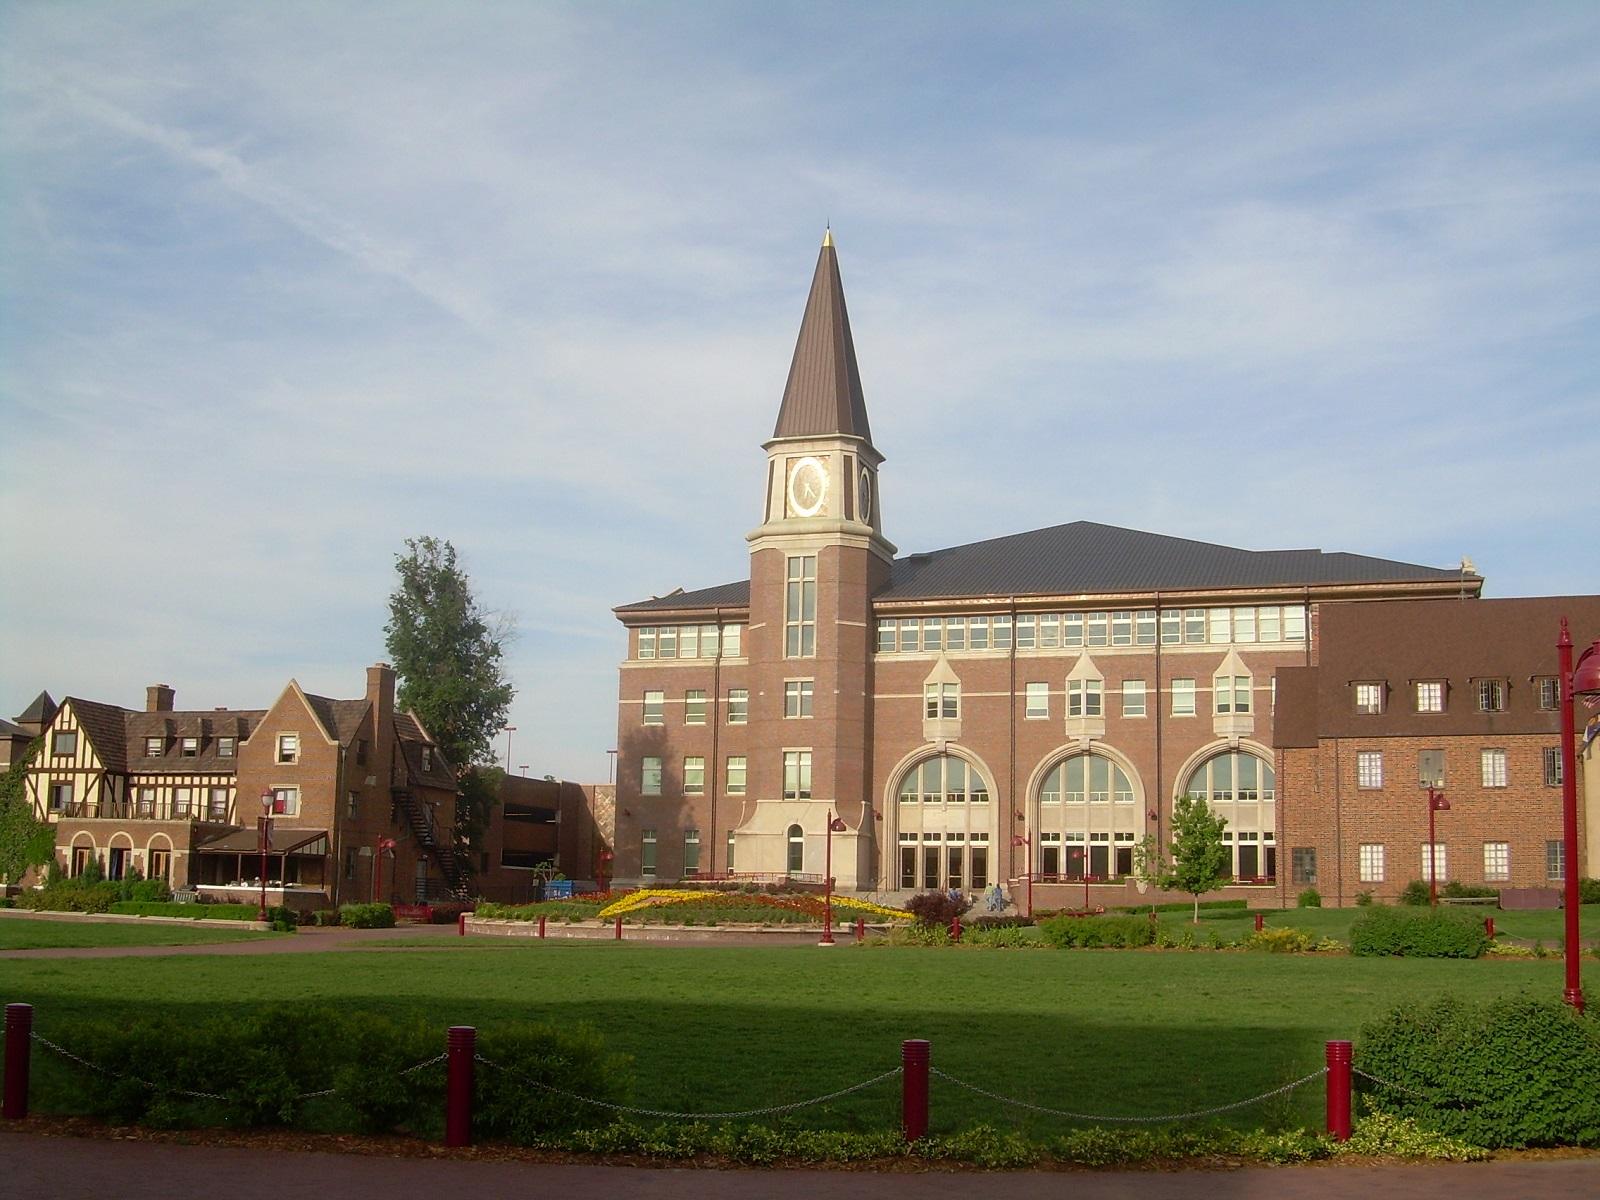 University of Denver in lockdown